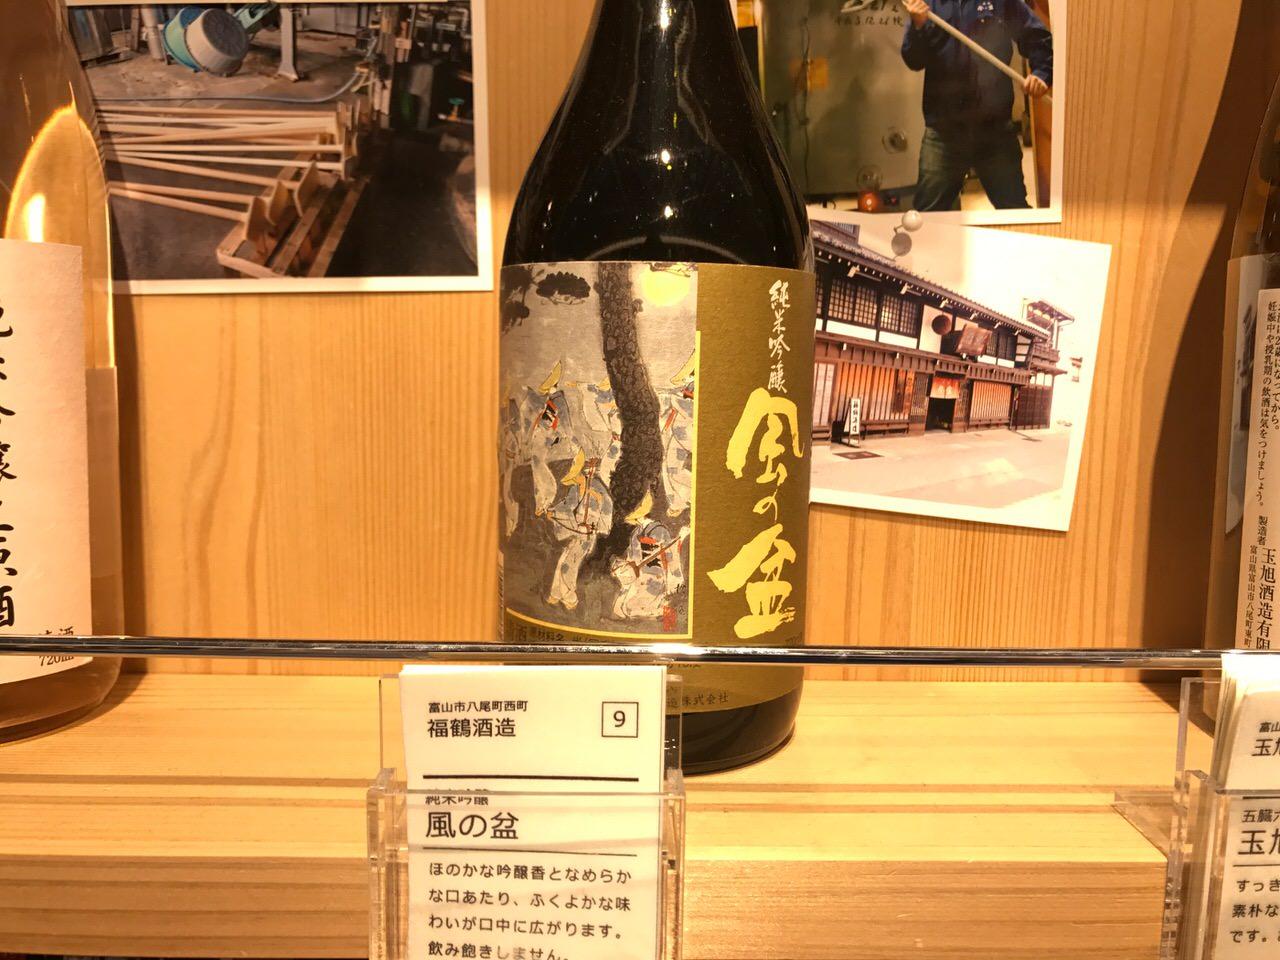 Toyama bar 2774